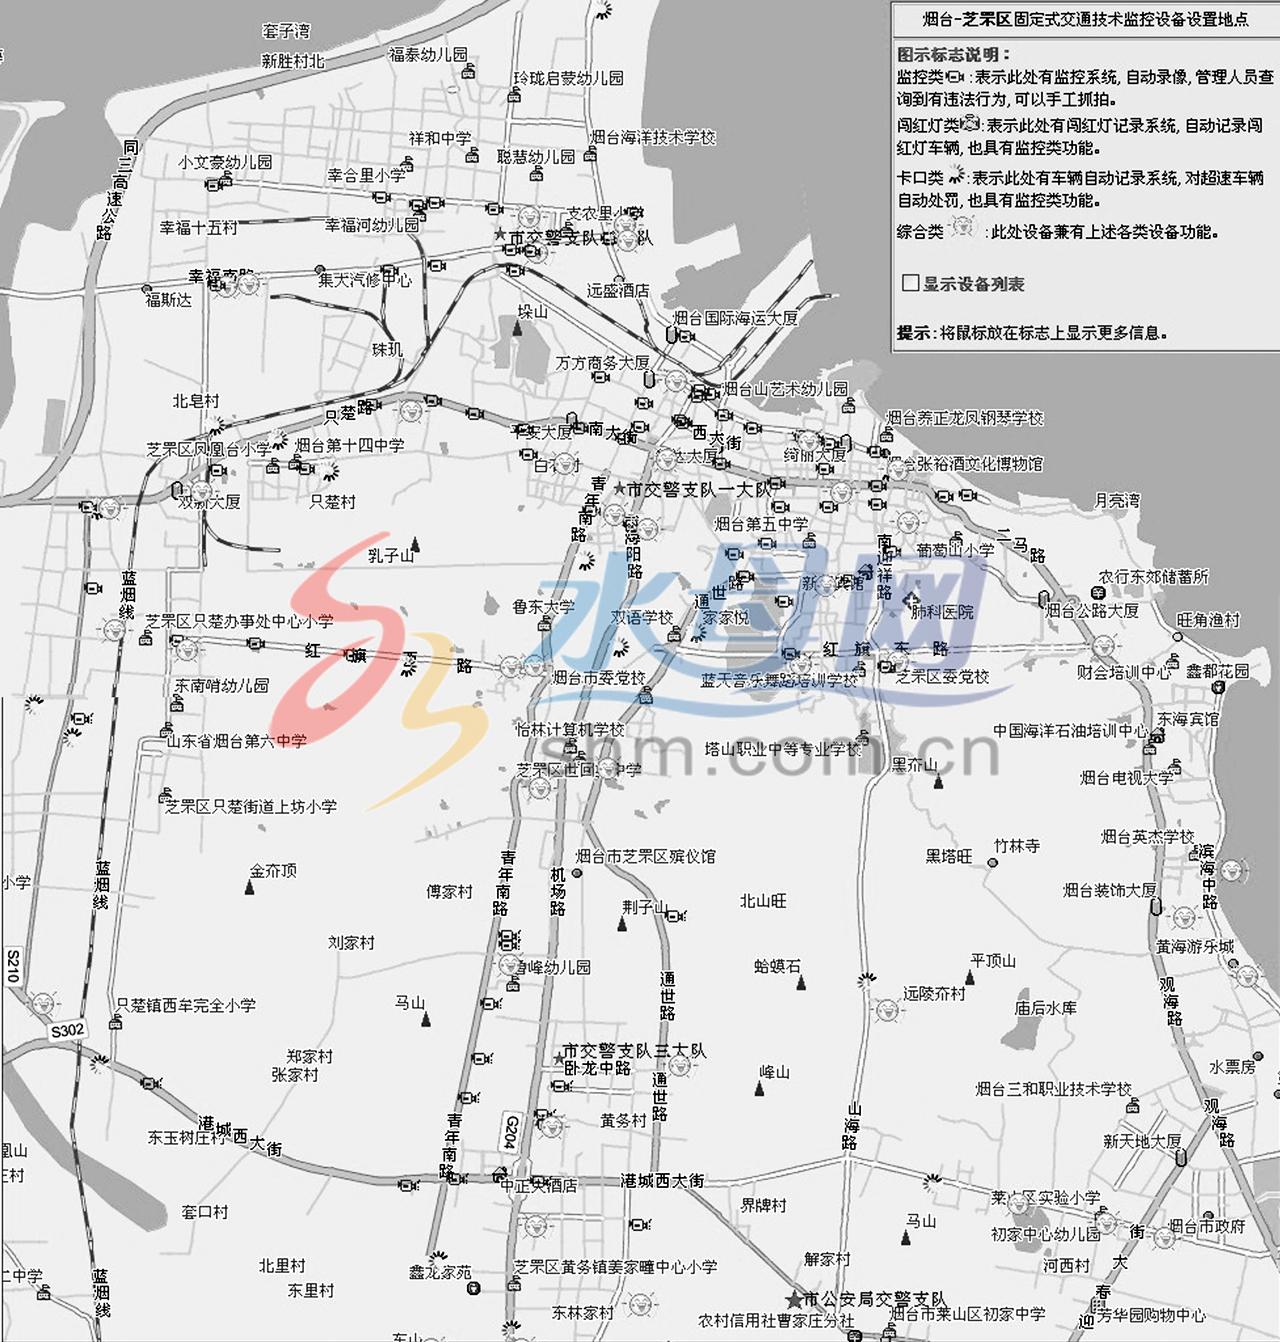 烟台市区电子眼分布图1